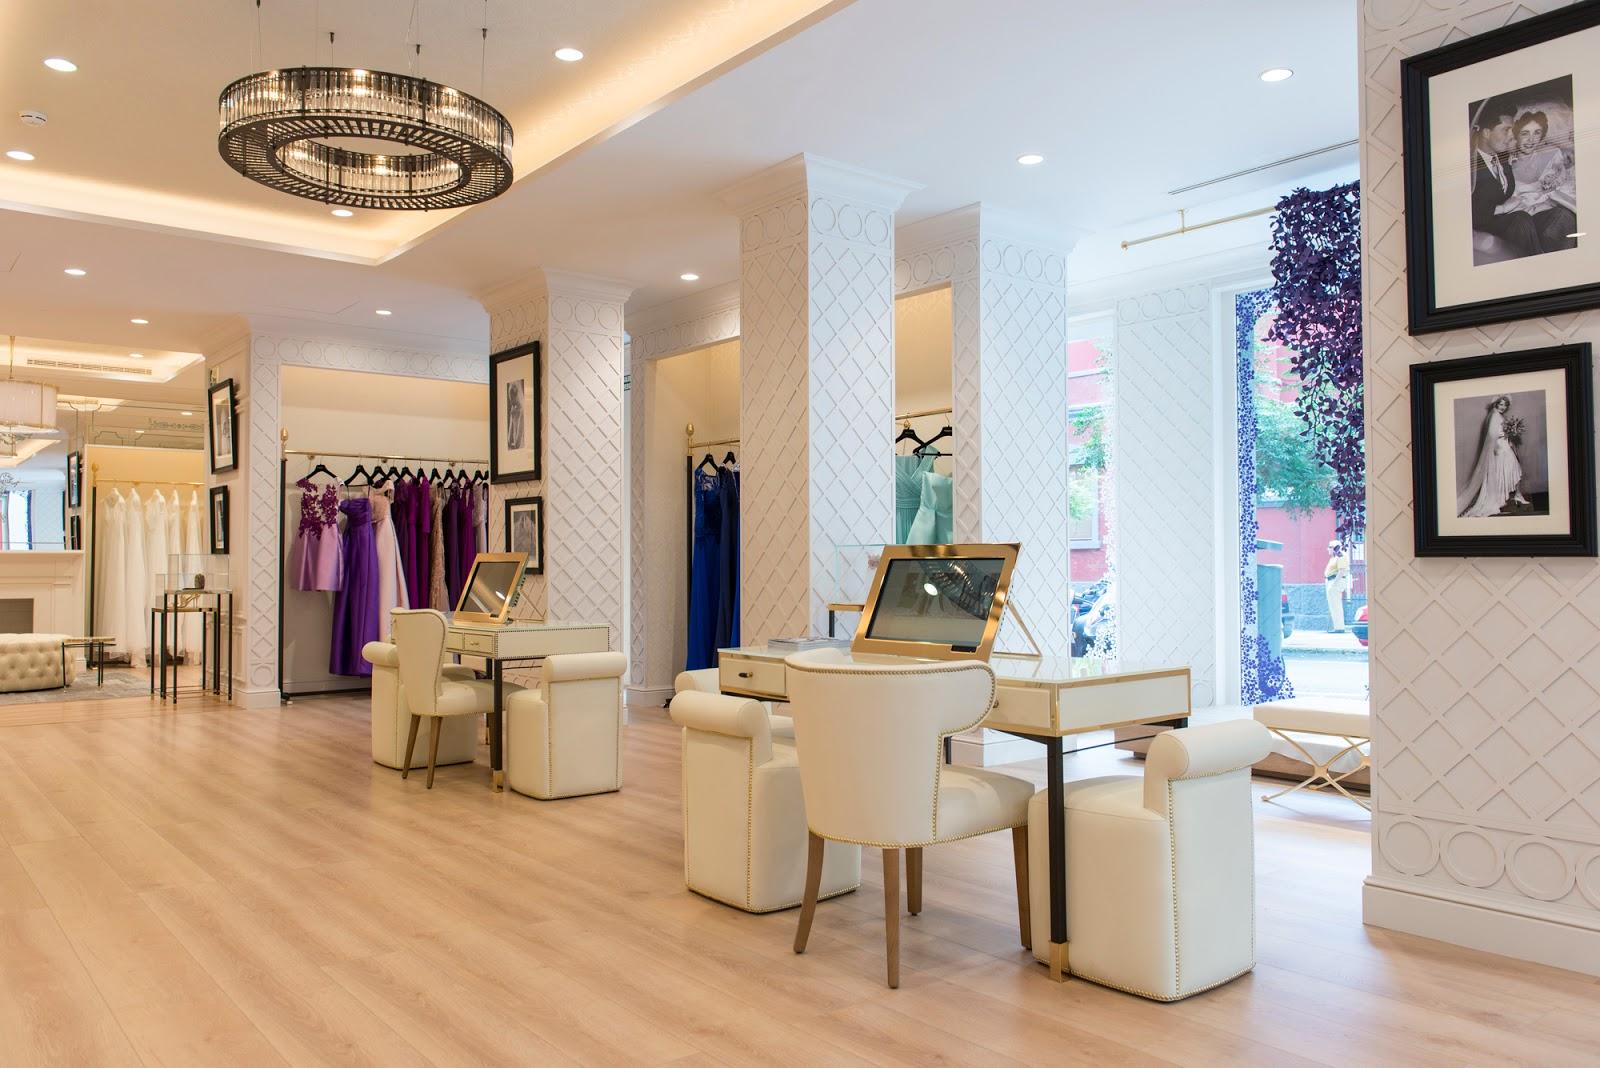 Pronovias inaugura tienda en las palmas de gran canaria - Showroom las palmas ...